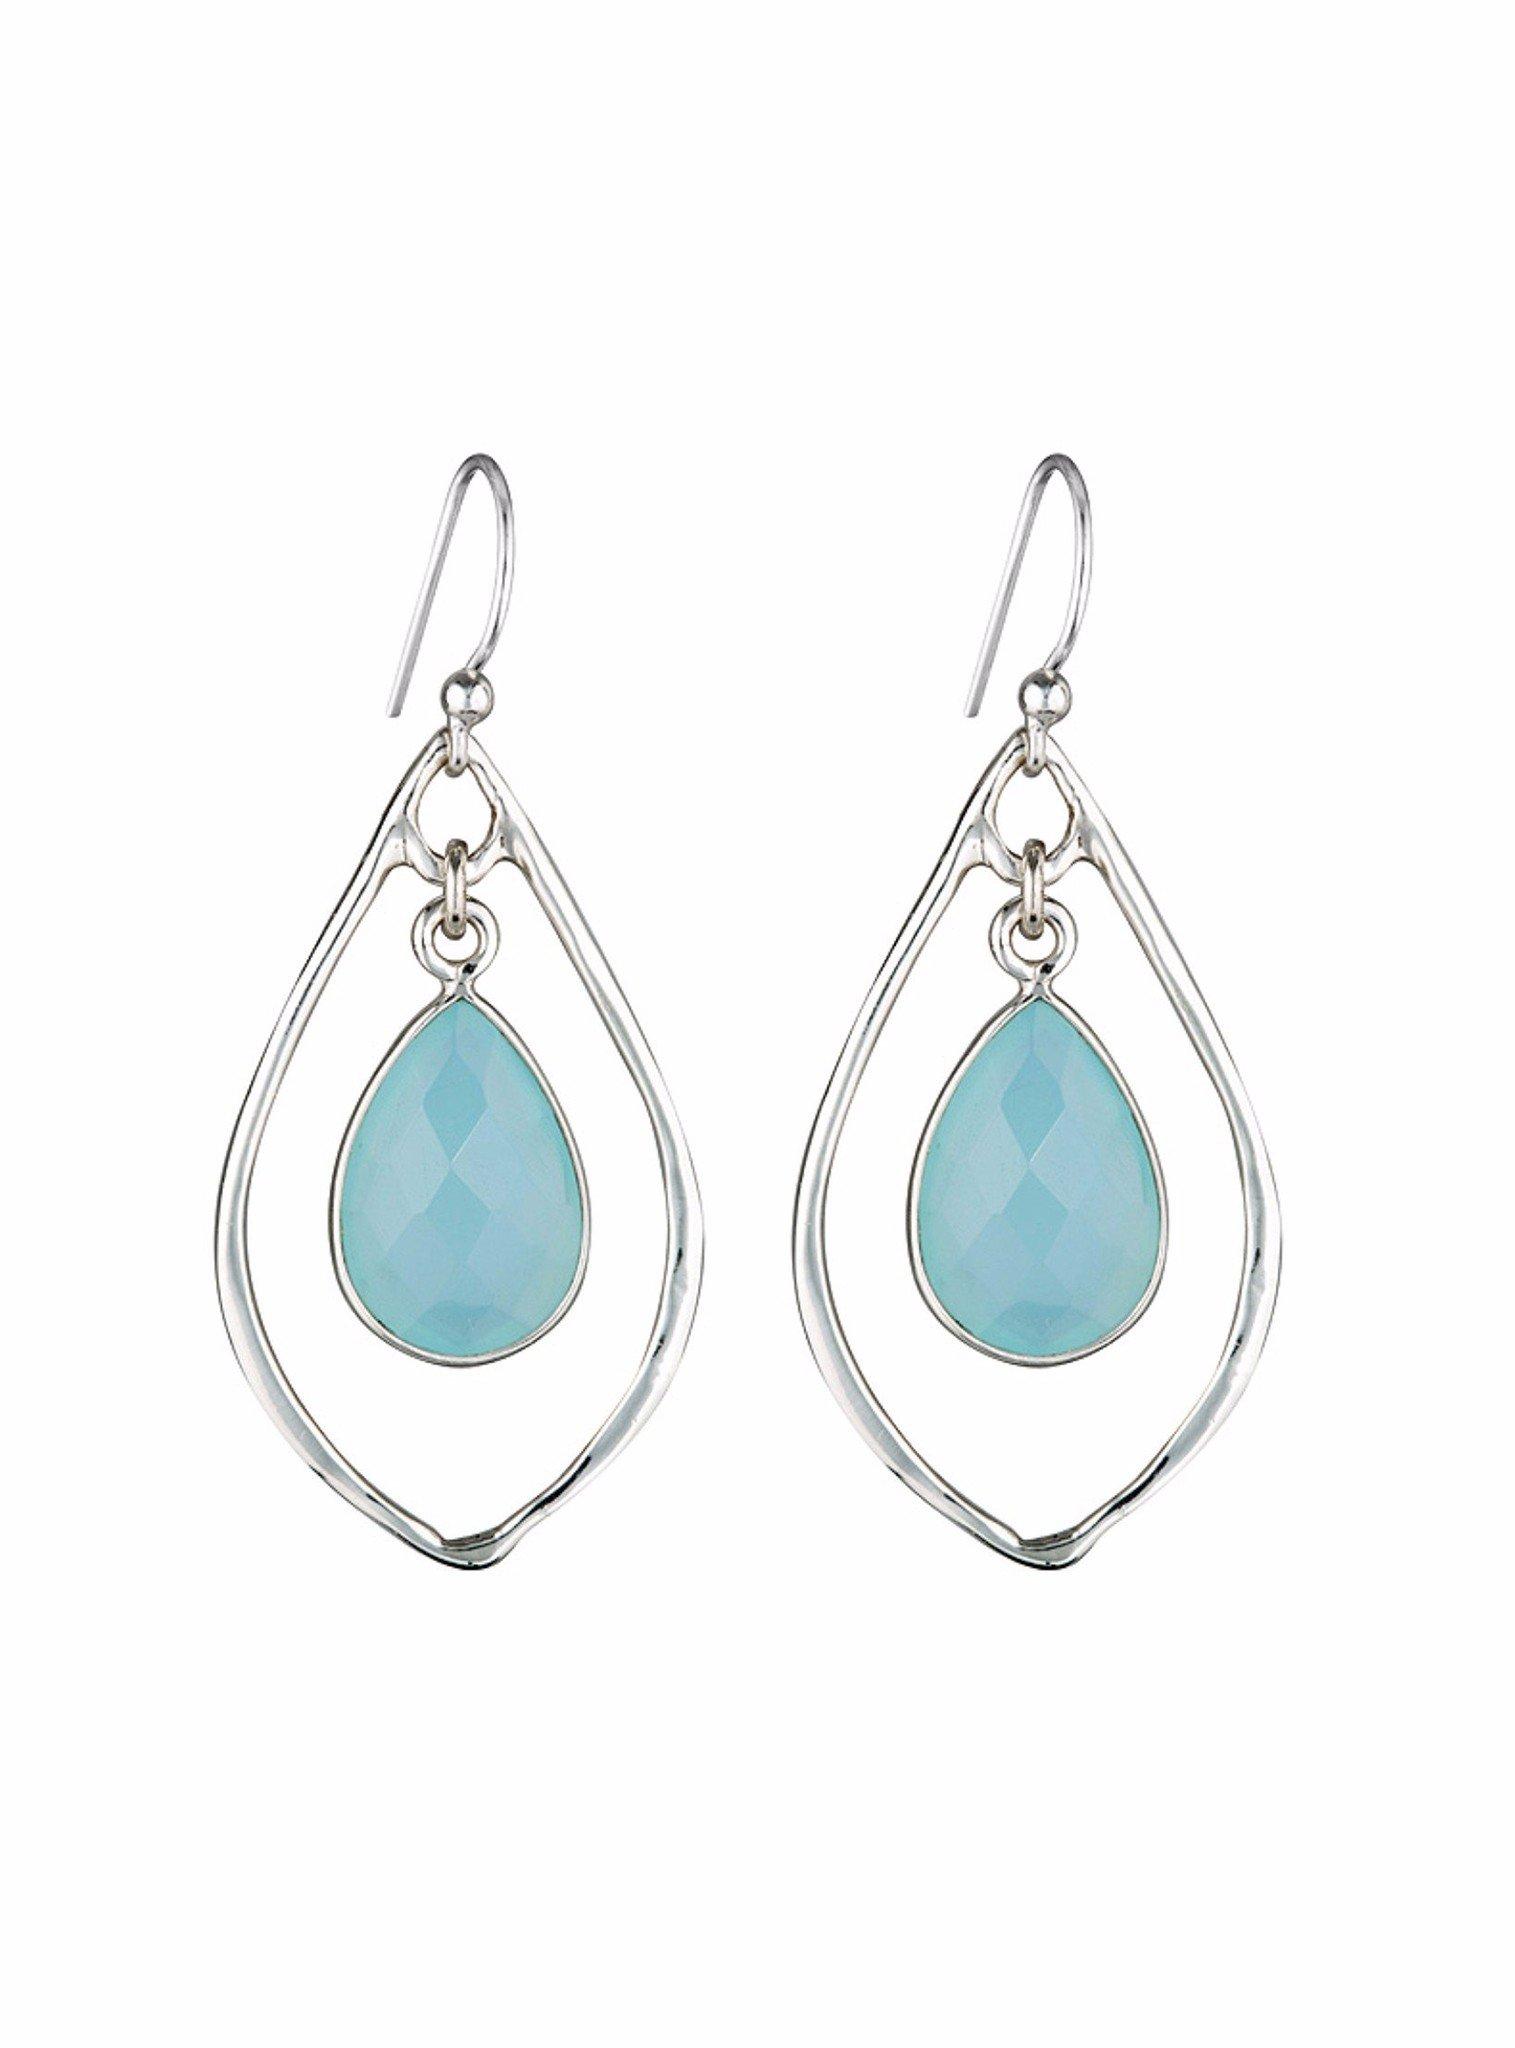 Silver Selene Teardrop Stone Earrings with Aqua Chalcedony